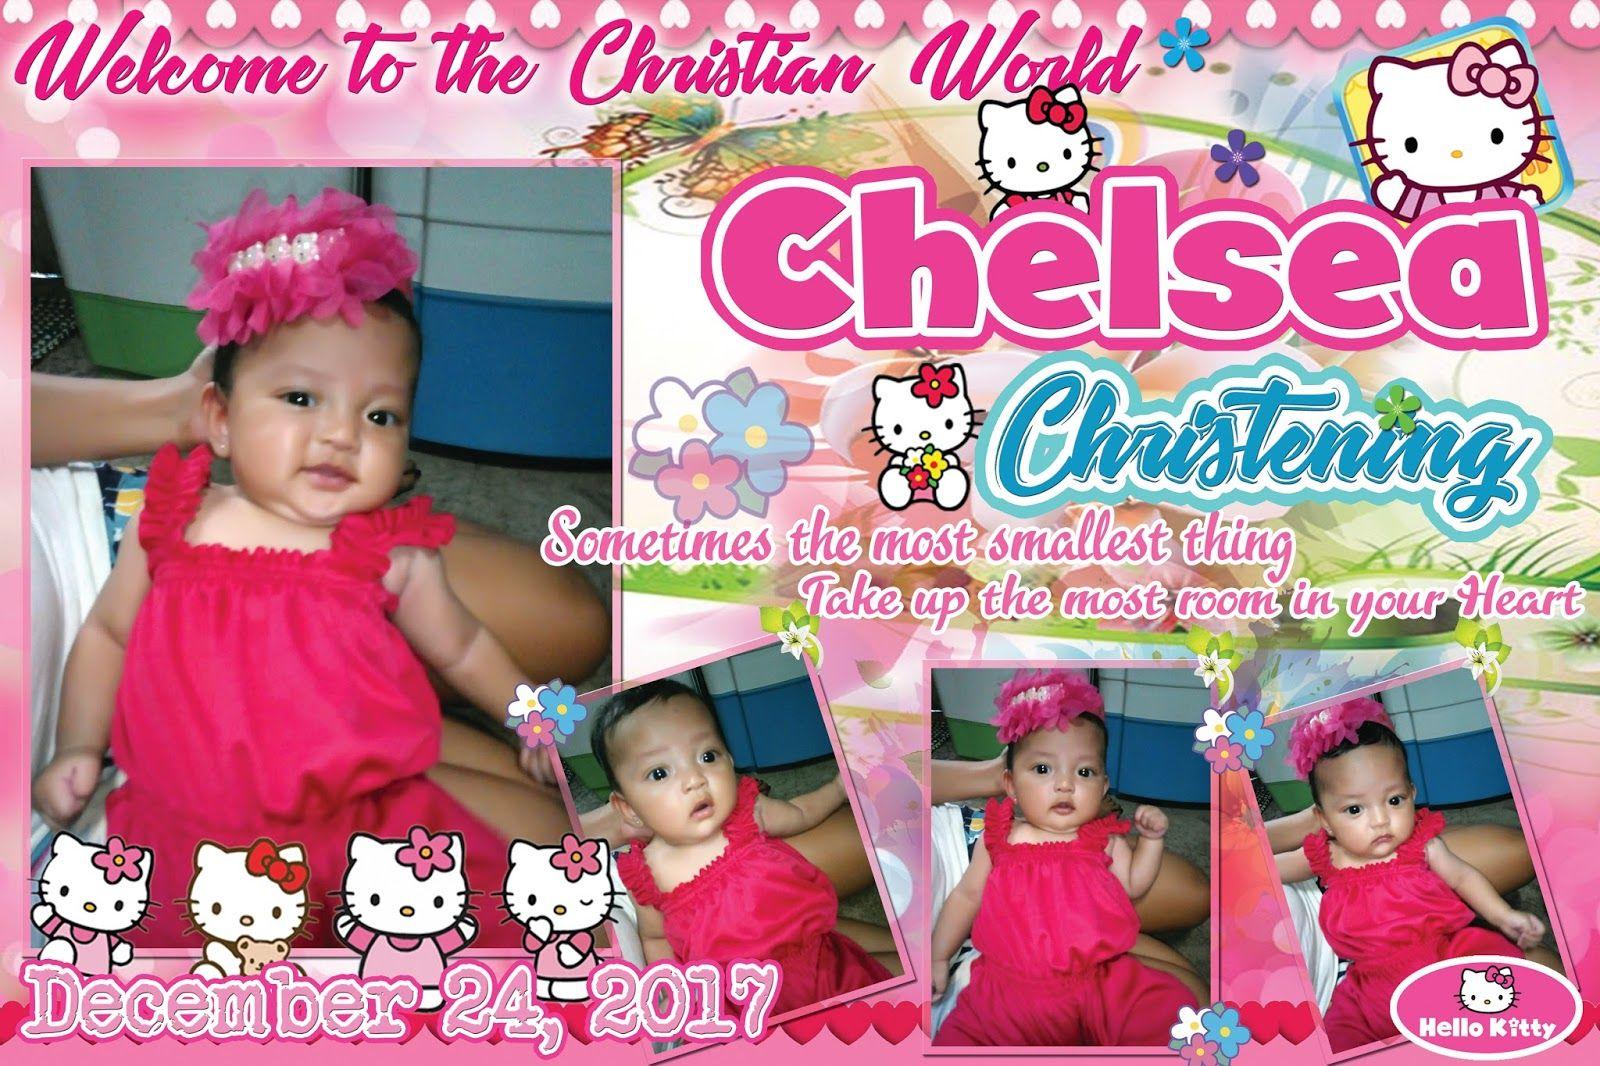 Chelsea Copy Jpg 1600 1066 Hello Kitty Invitations Hello Kitty Hello Kitty Birthday Invitations